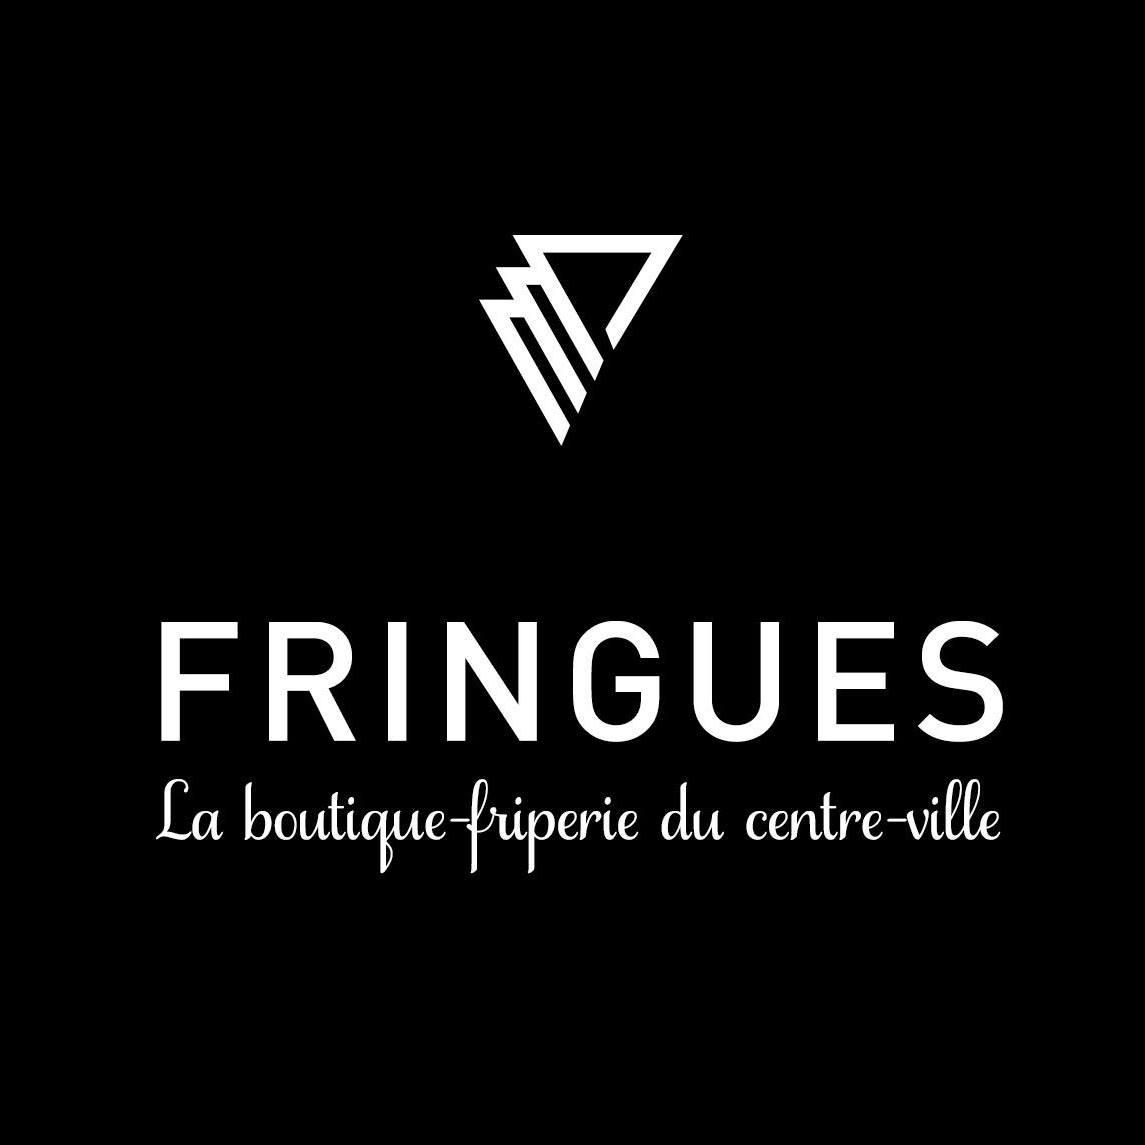 Fringues boutique-friperie